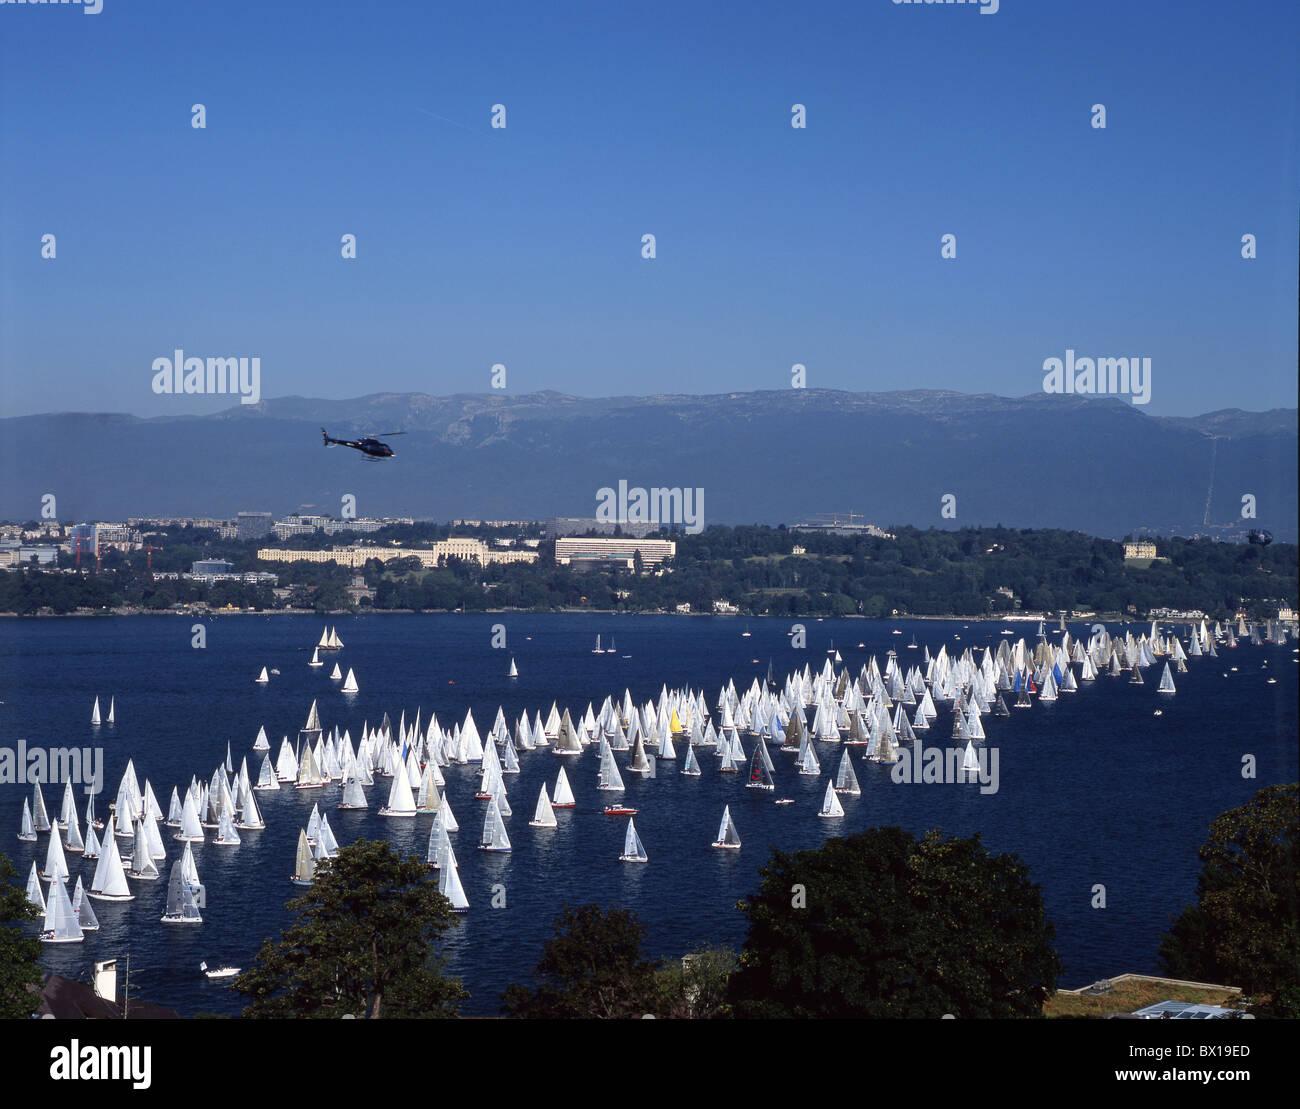 Bol d'embarcations aquatiques ou lac de Genève Genève Lac Leman voile voiles de régate sports Photo Stock